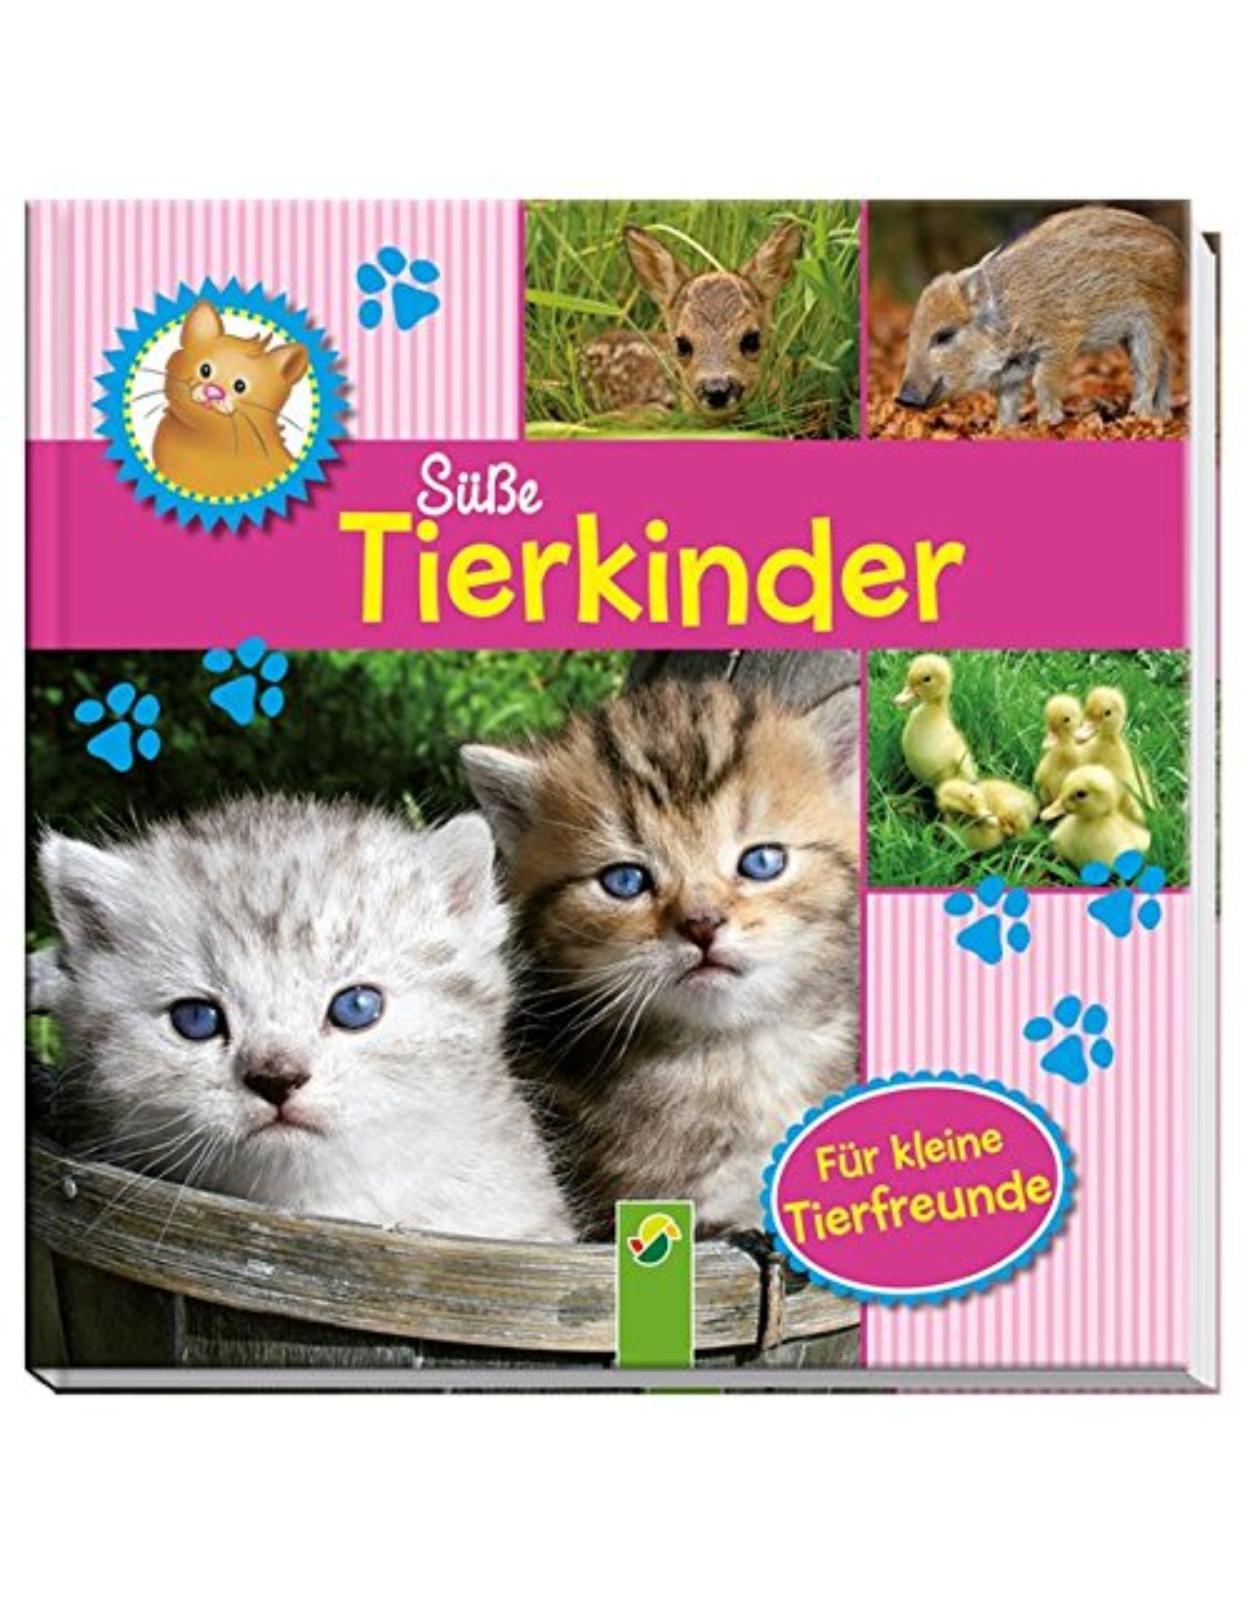 Süße Tierkinder: Fotobilderbuch für kleine Tierfreunde